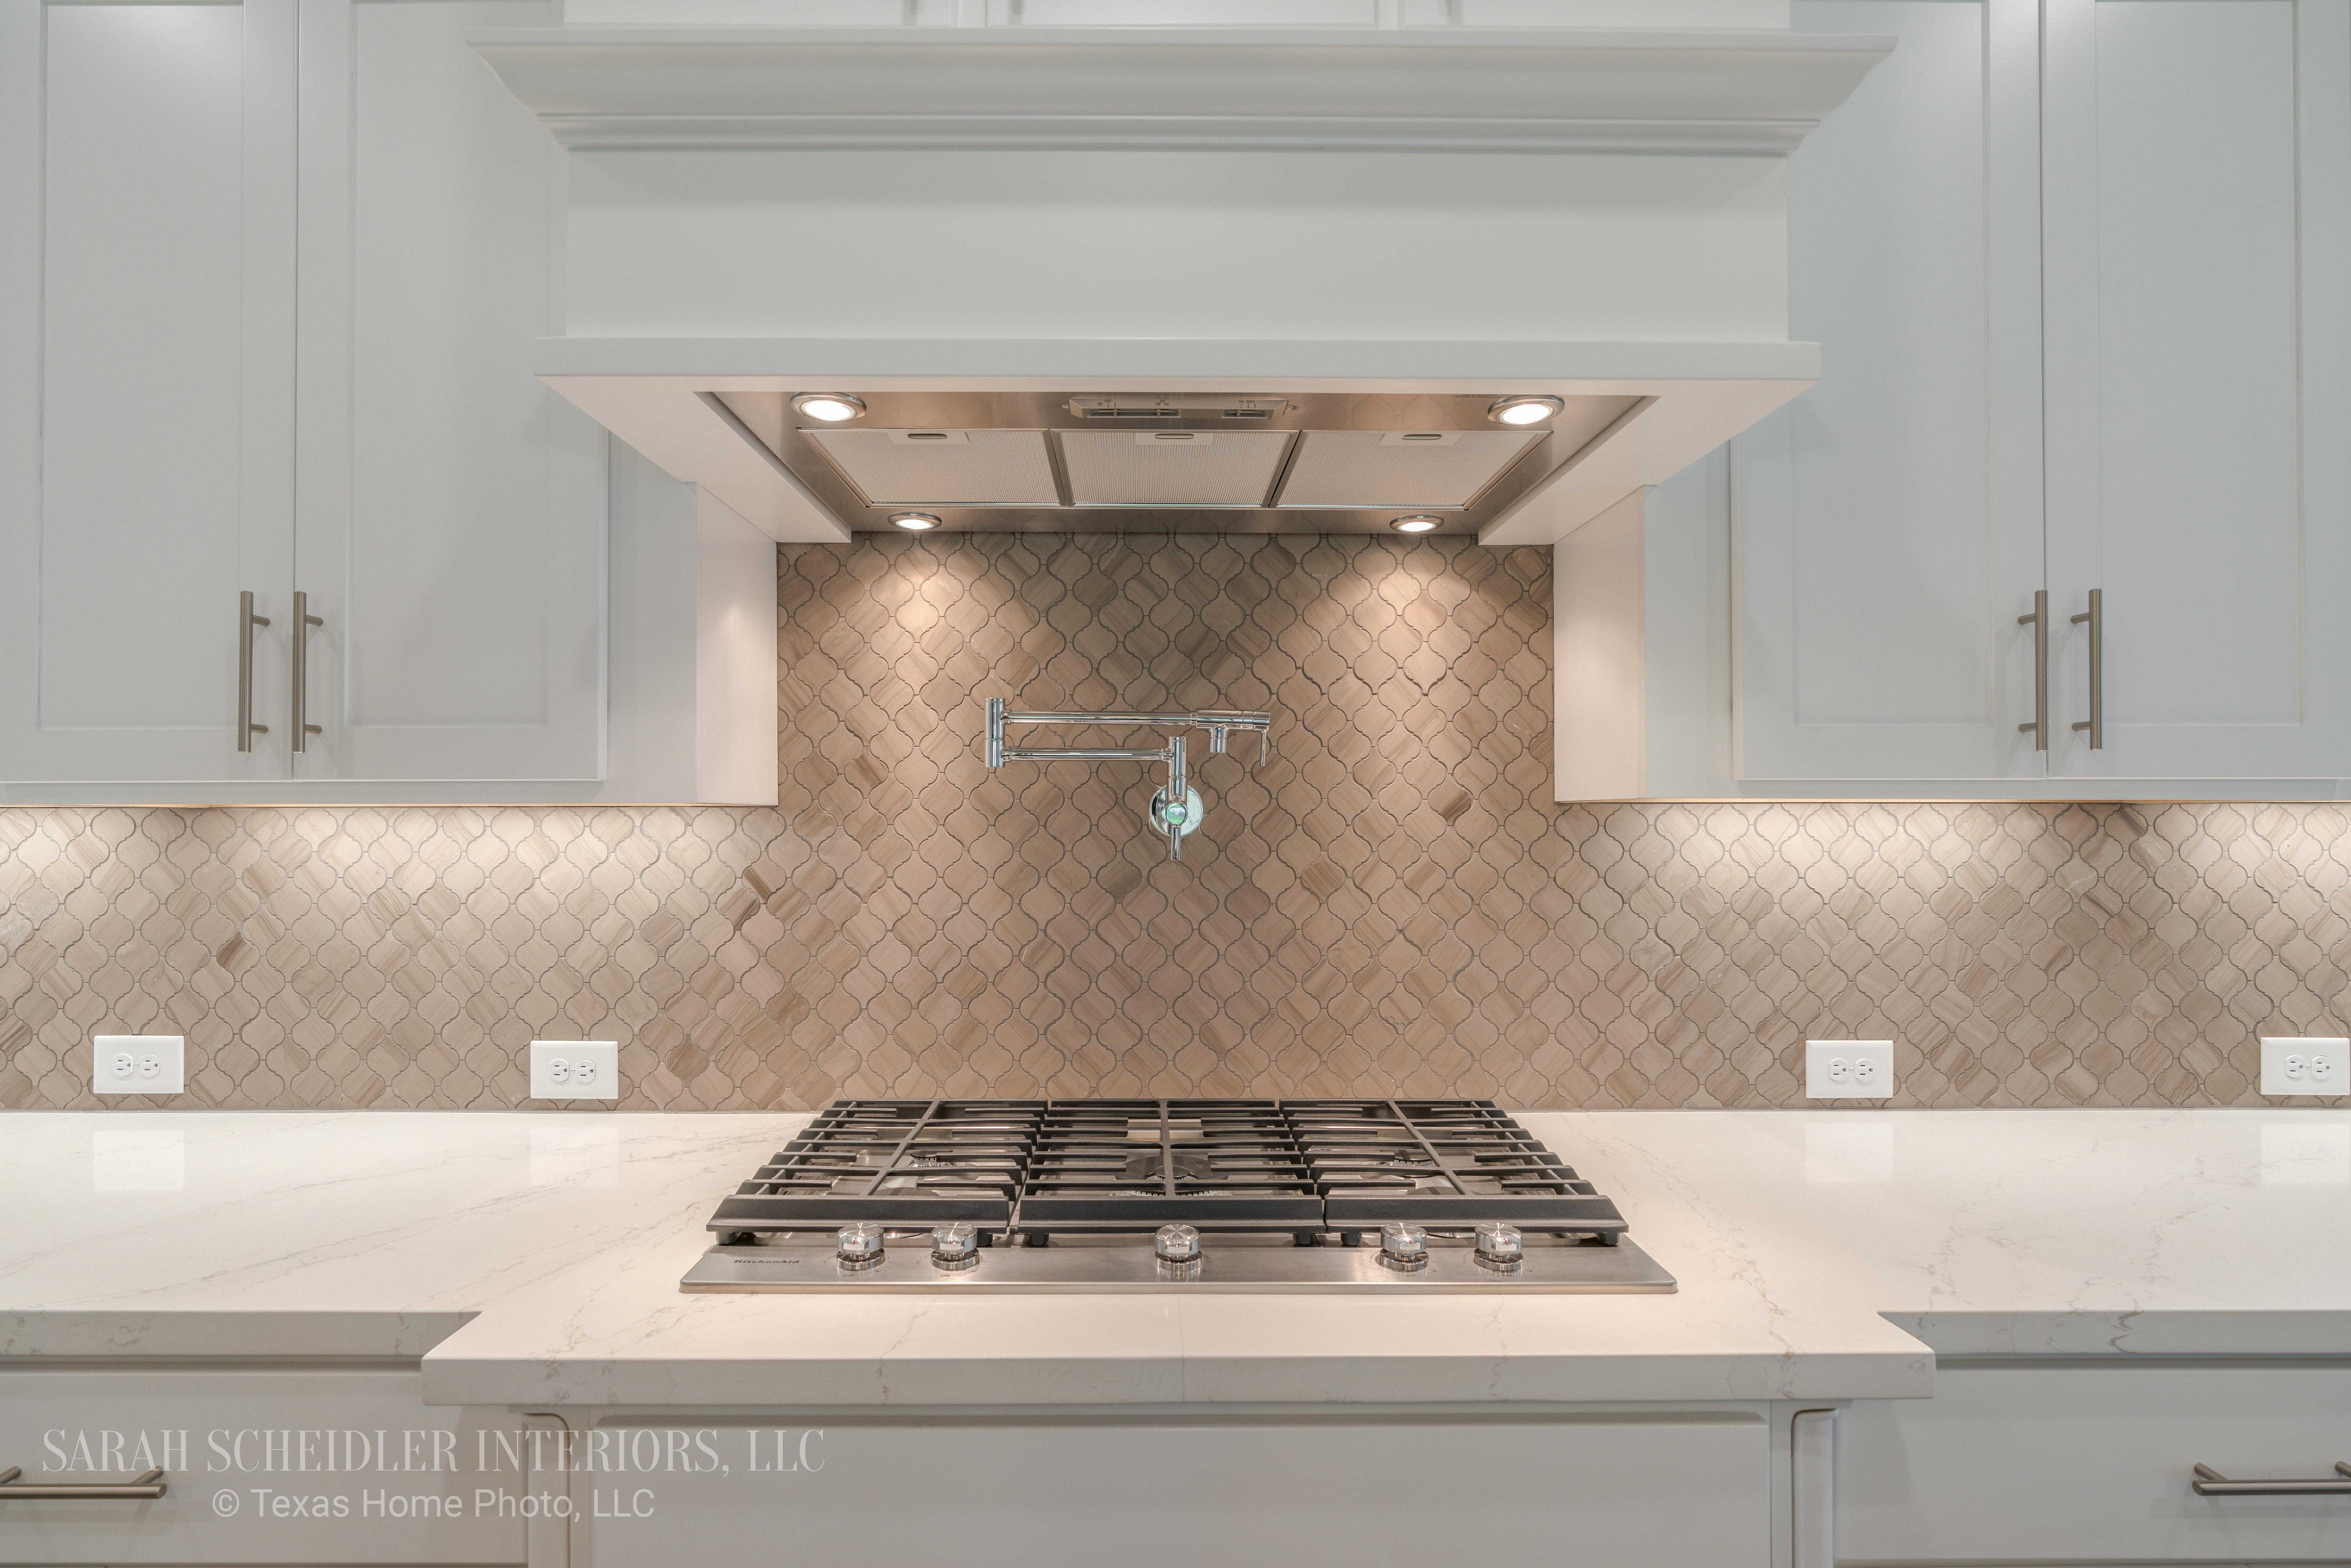 White Kitchen with Quatrefoil Backsplash, Silestone Quartz Countertops, and Chrome Finishes